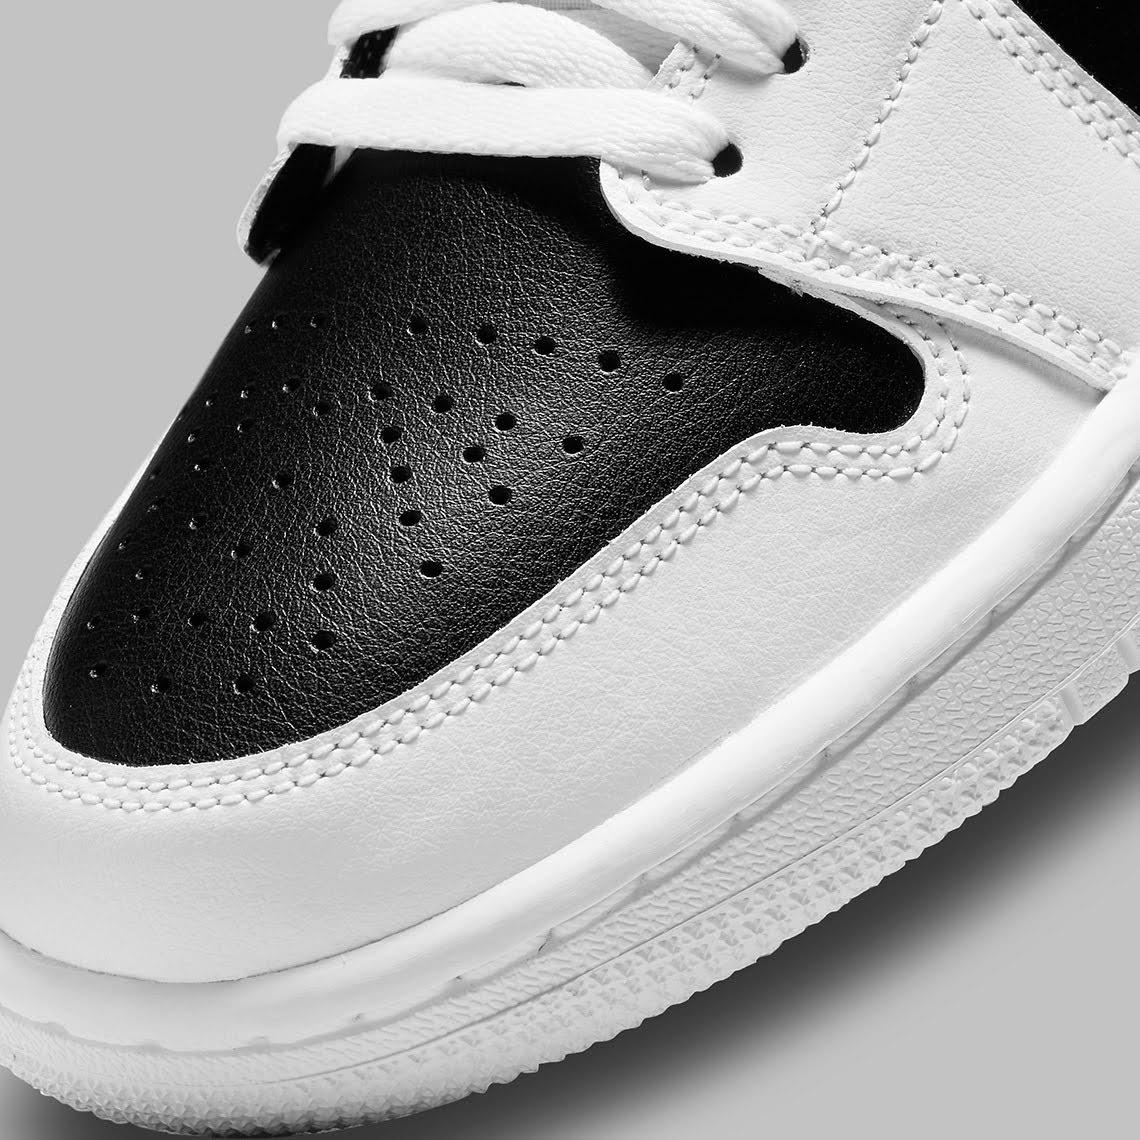 """ナイキ ウィメンズ エア ジョーダン 1 ロー """"パンダ"""" nike-air-jordan-1-low-wmns-white-black-DC0774-100-toe-closeup"""